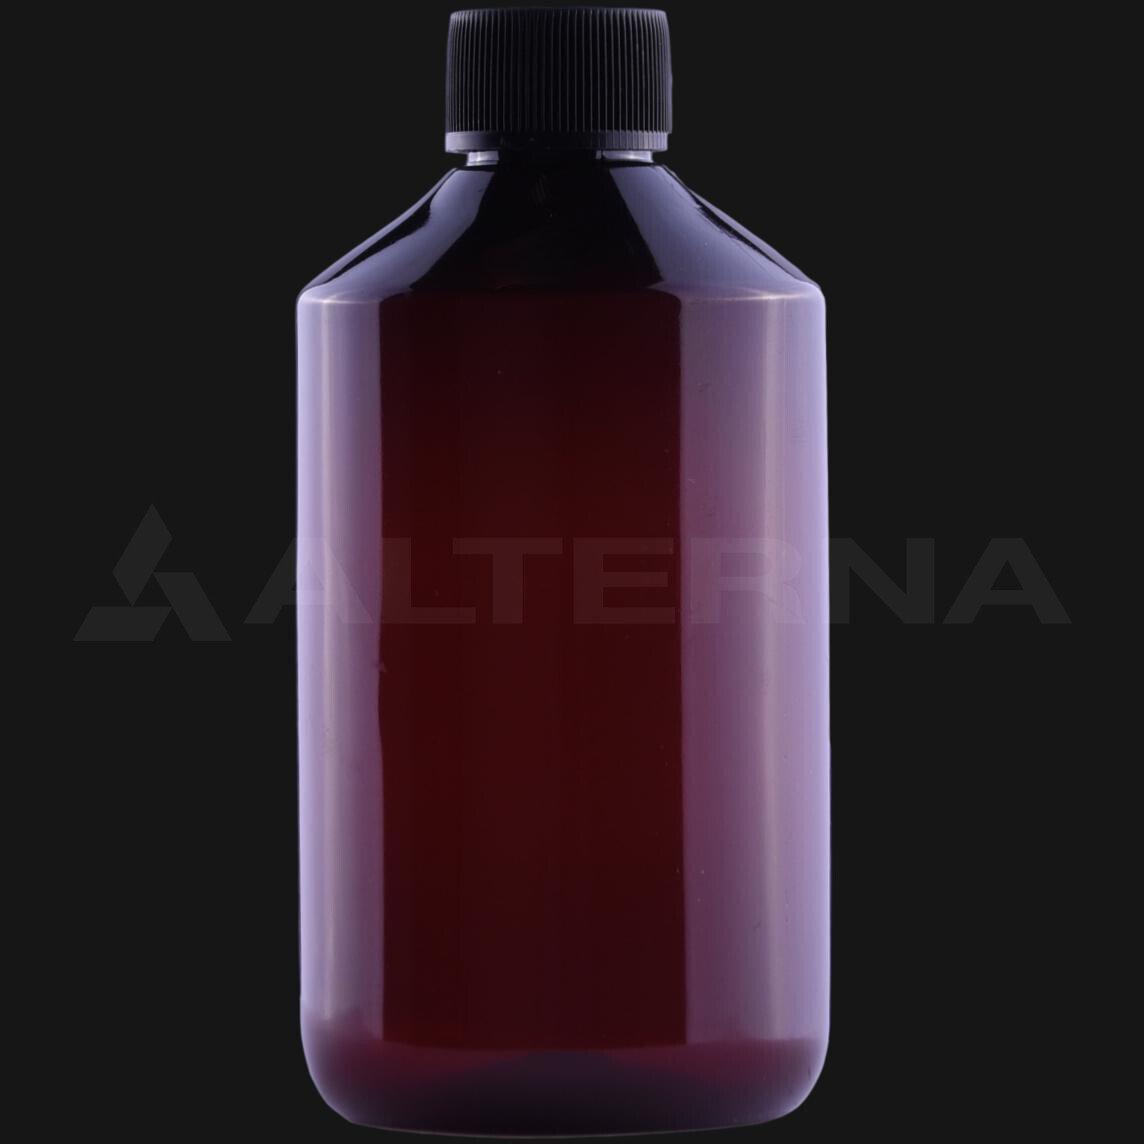 300 ml PET Bottle with 24 mm Foam Seal Cap